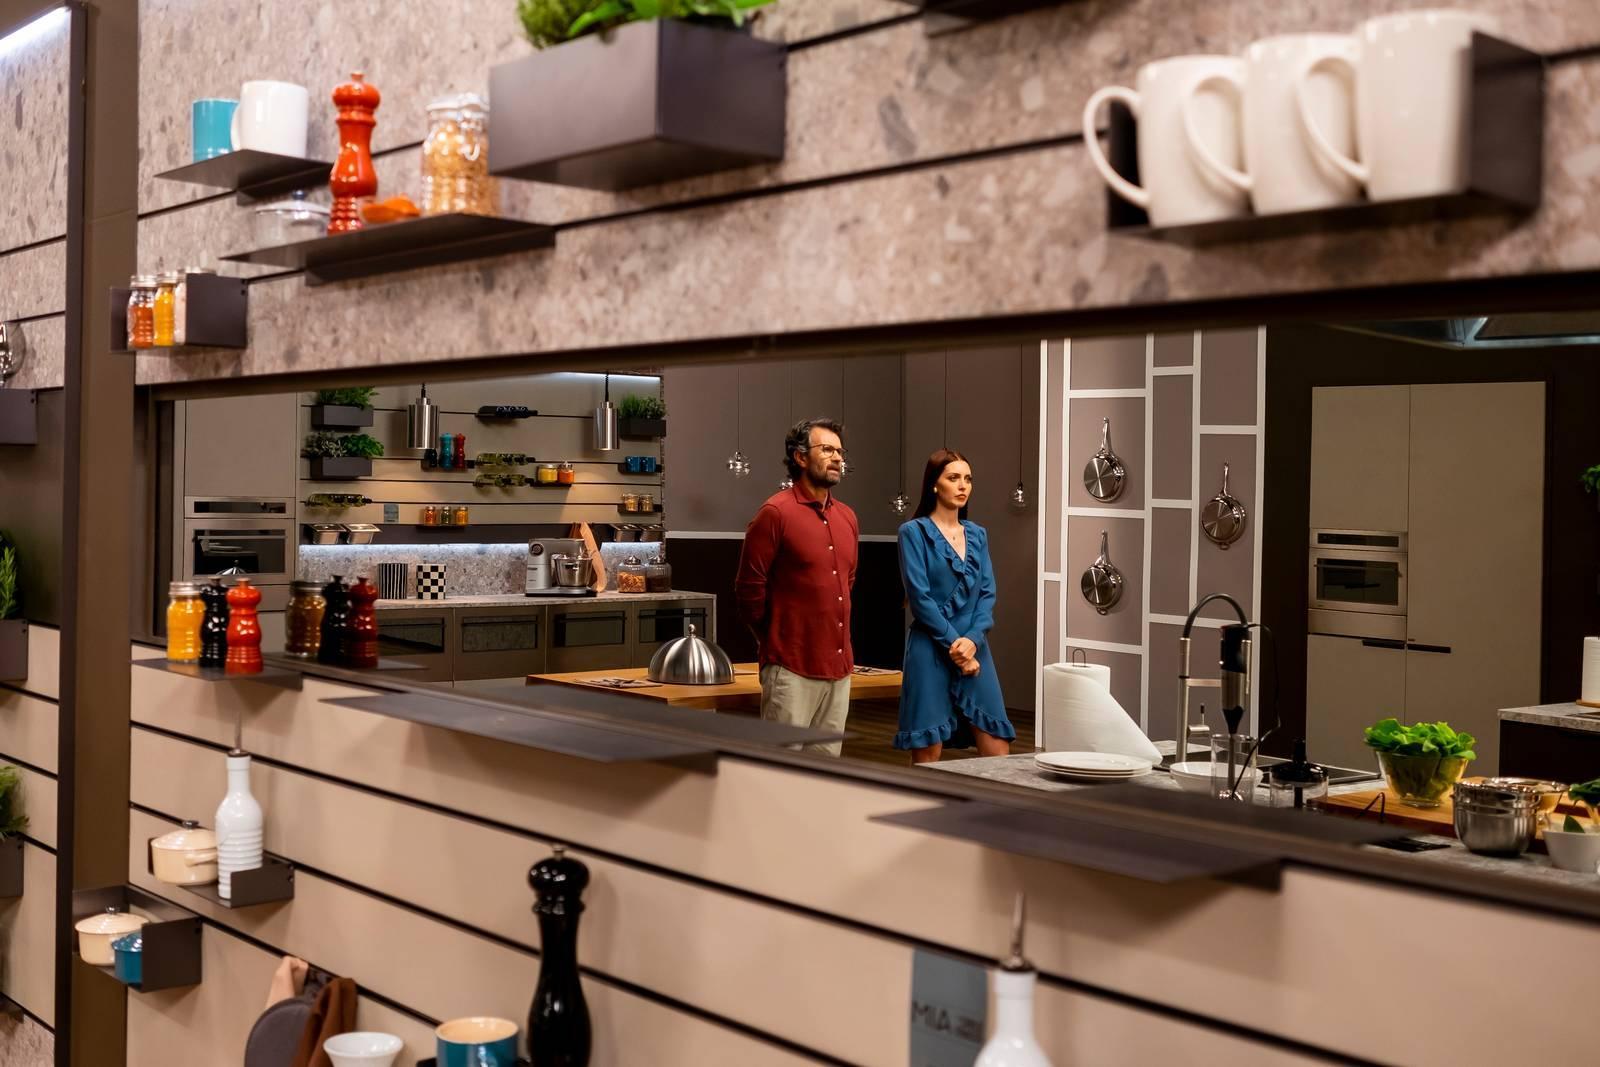 """Programma Tv Ristrutturazione Casa nella """"sua"""" cucina scavolini, cracco protagonista di un"""